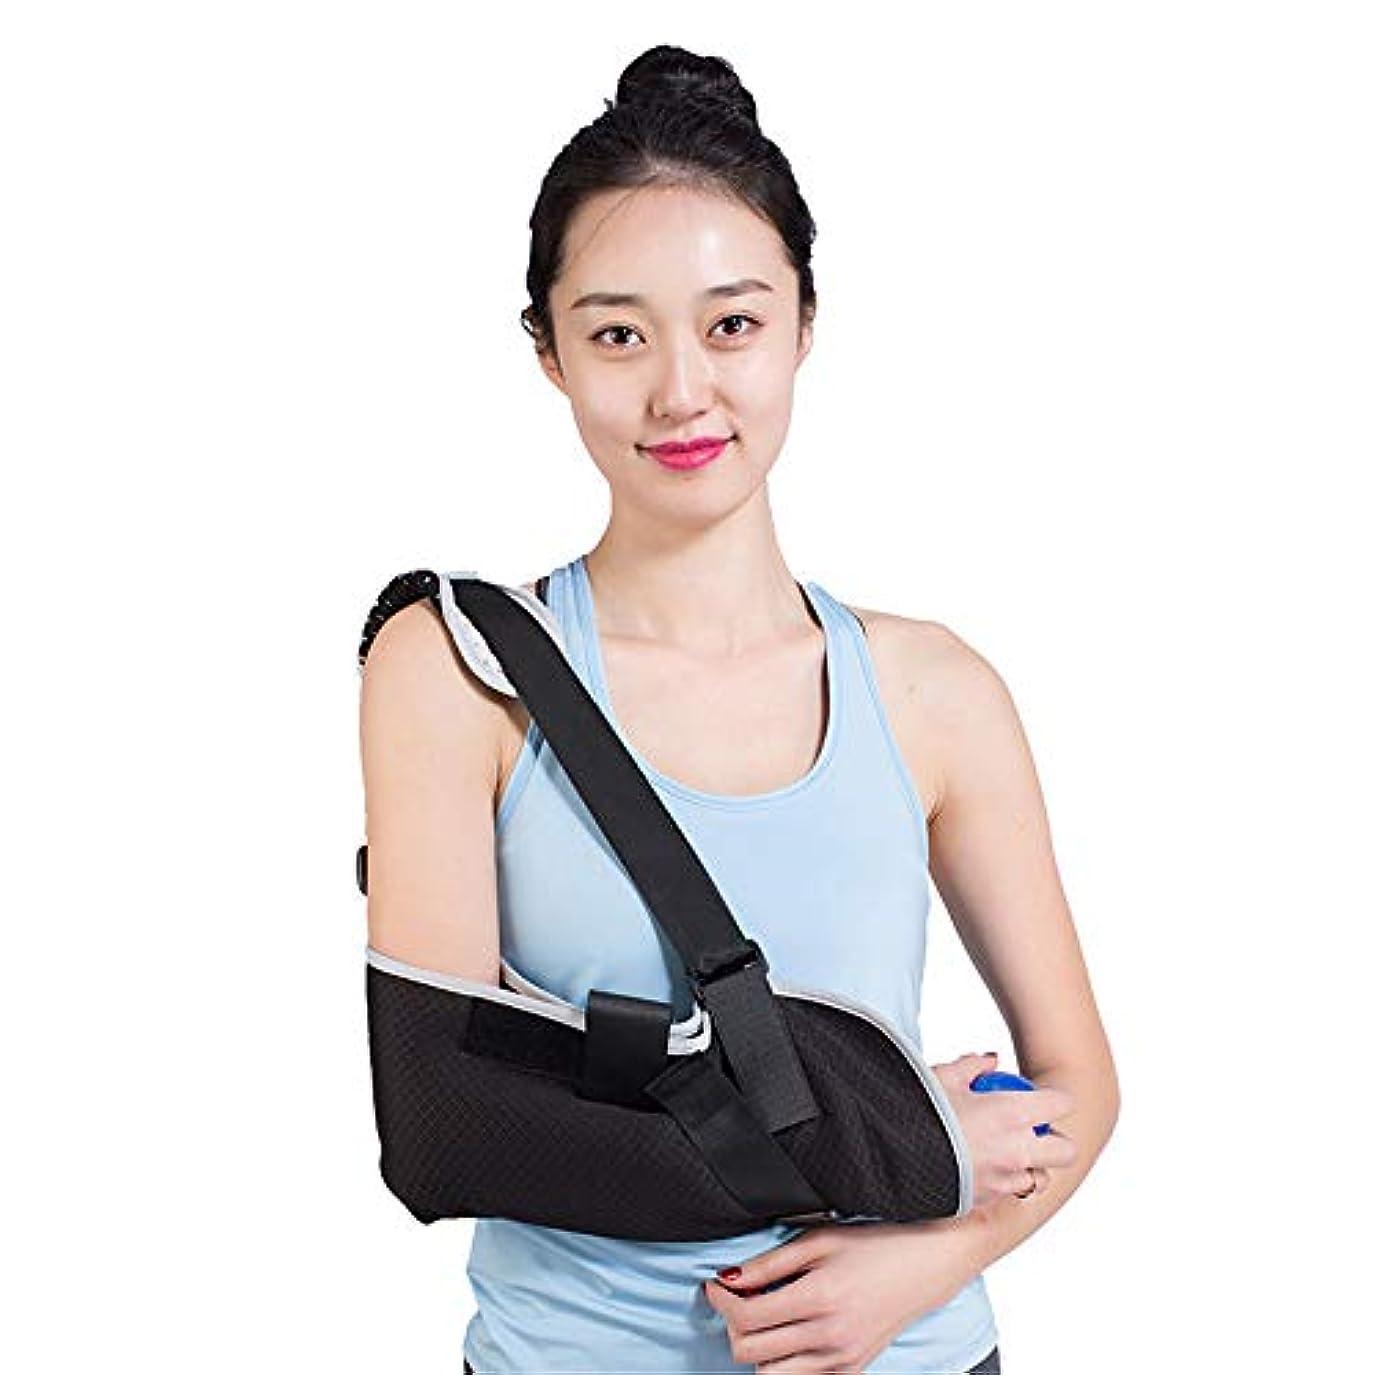 量で補う役に立たないアームスリング、ショルダーイモビライザー、壊れたアームイモビライザー用手首肘サポート人間工学的、軽量、通気性メッシュ-男性と女性の両方に適合、フリーサイズ